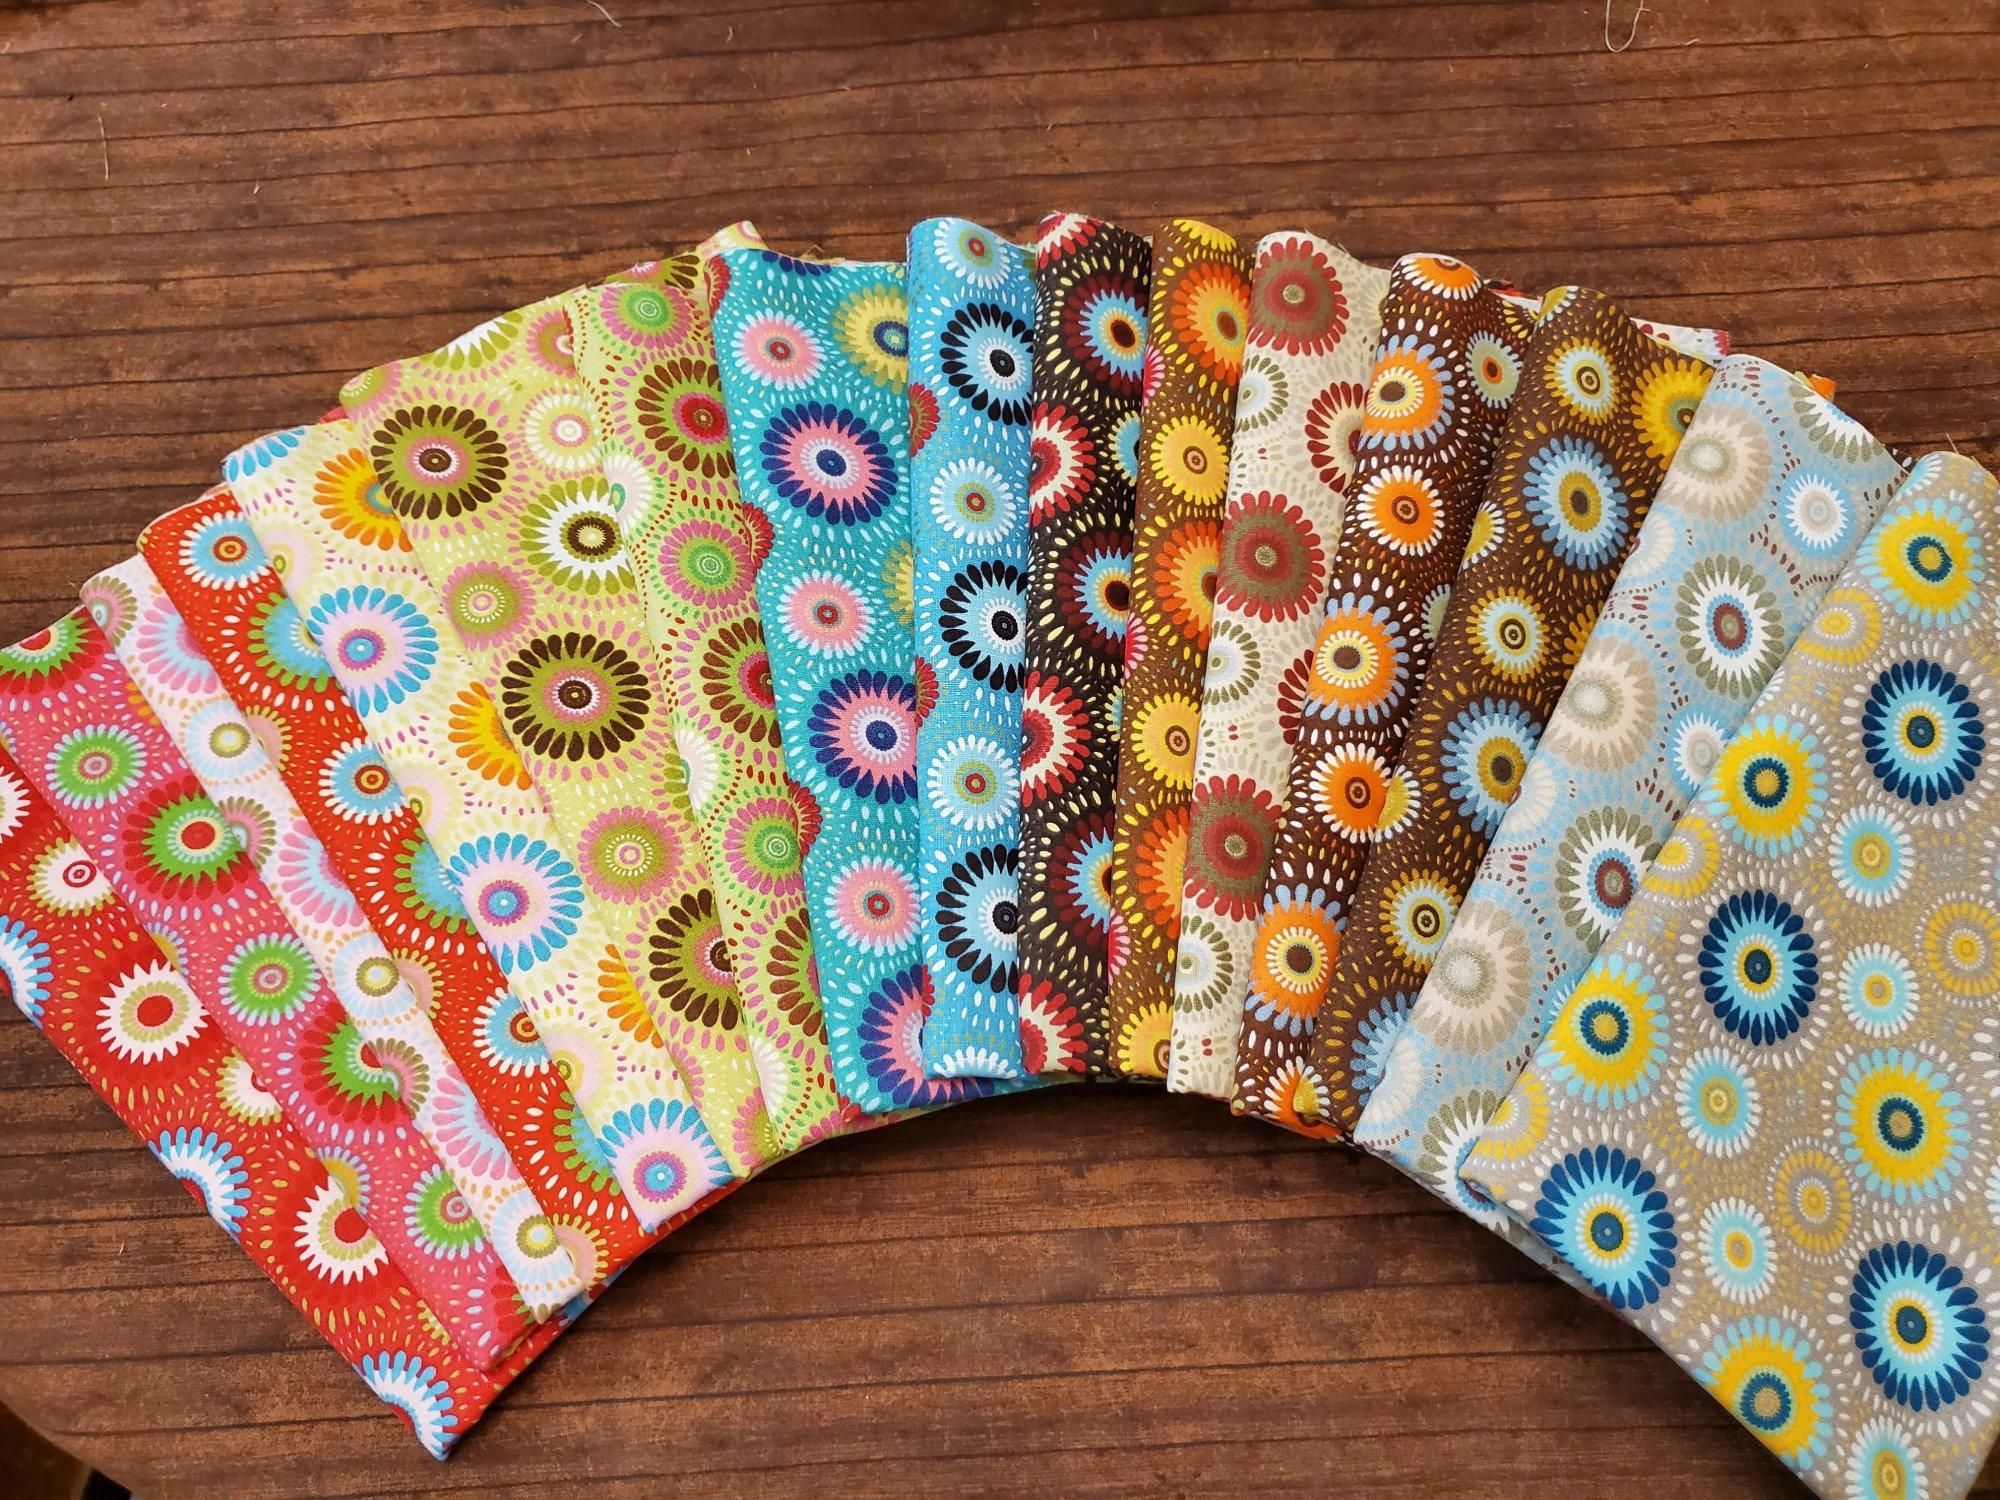 Colors Exploding - Rachael's Picks - 16 Piece Half Yard Bundle